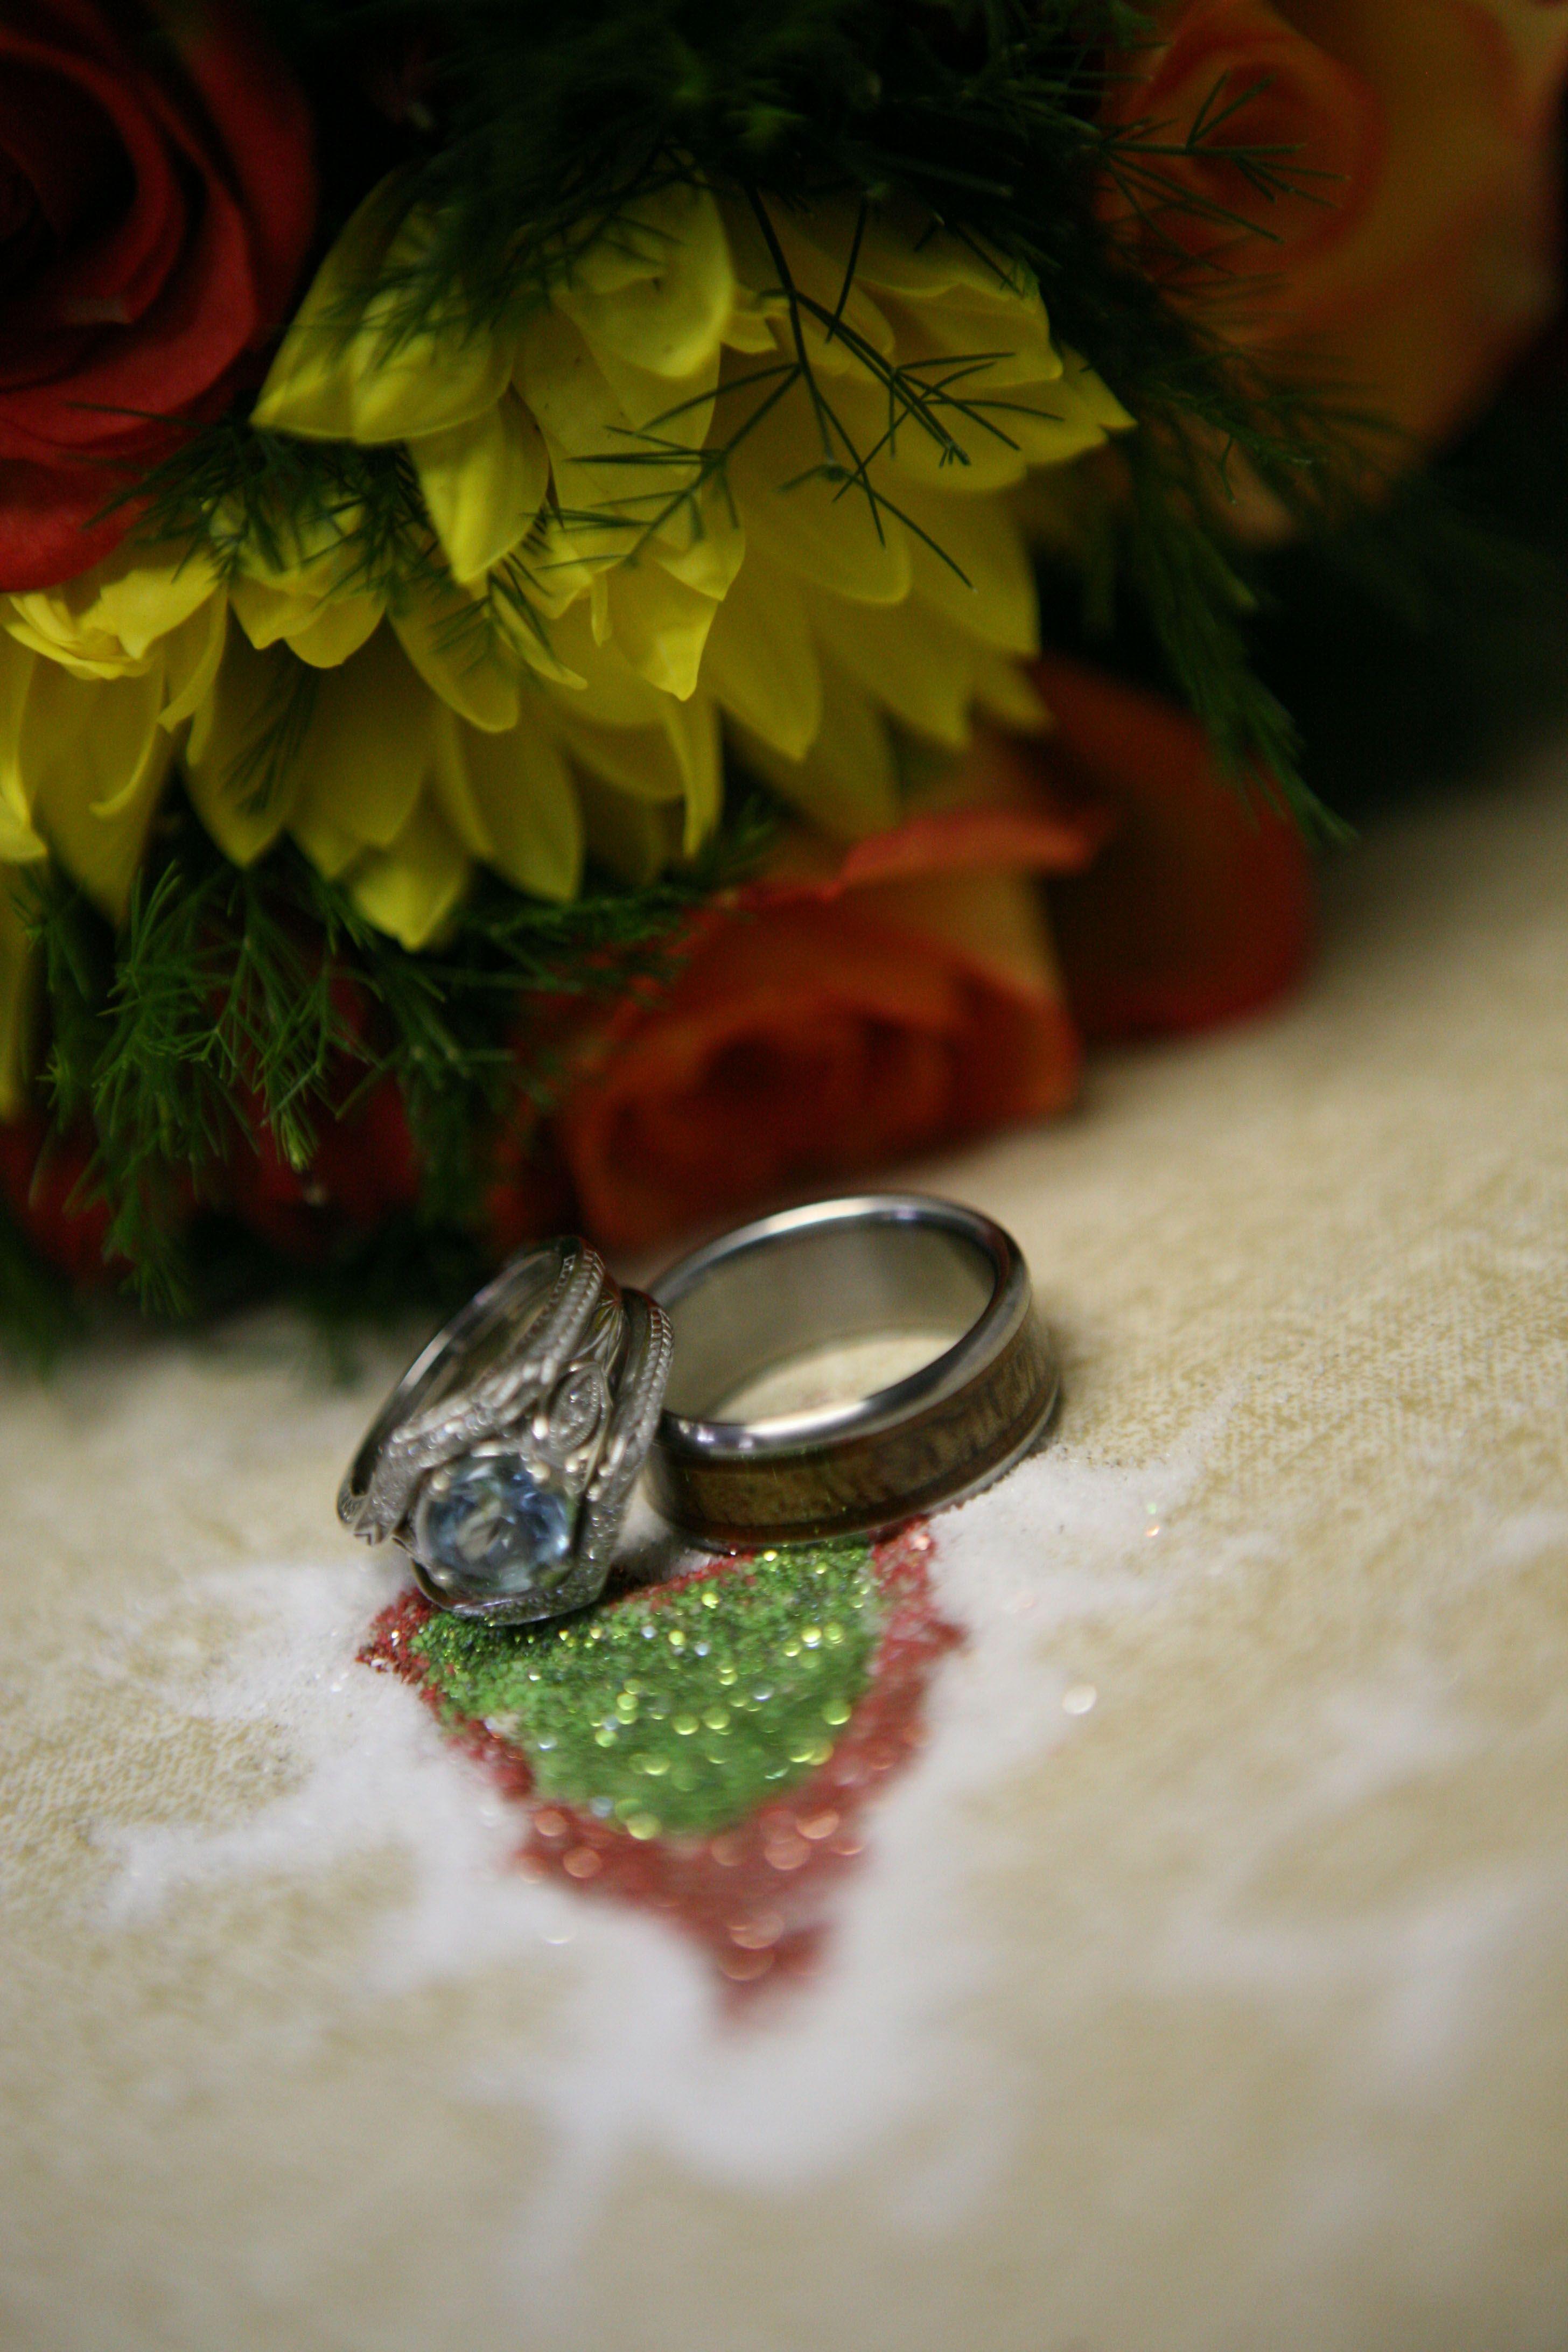 Mango and hawaiian koa wood wedding ring for the groom by hawaii